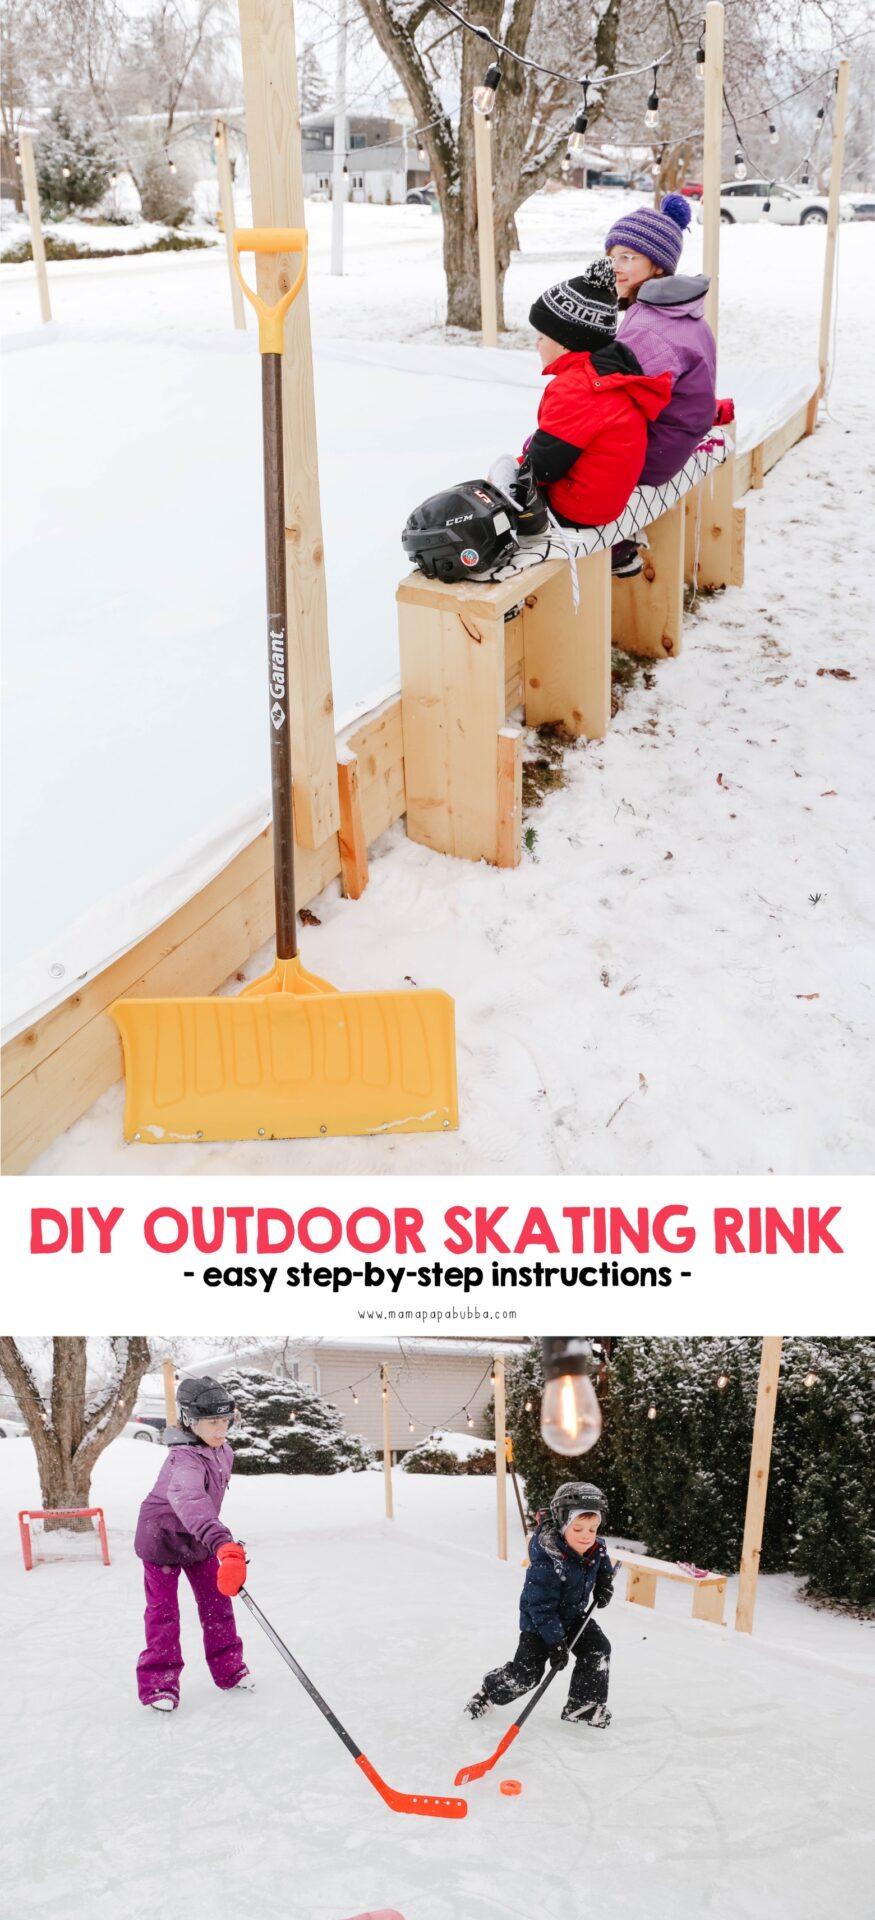 DIY Outdoor Skating Rink | Mama Papa Bubba